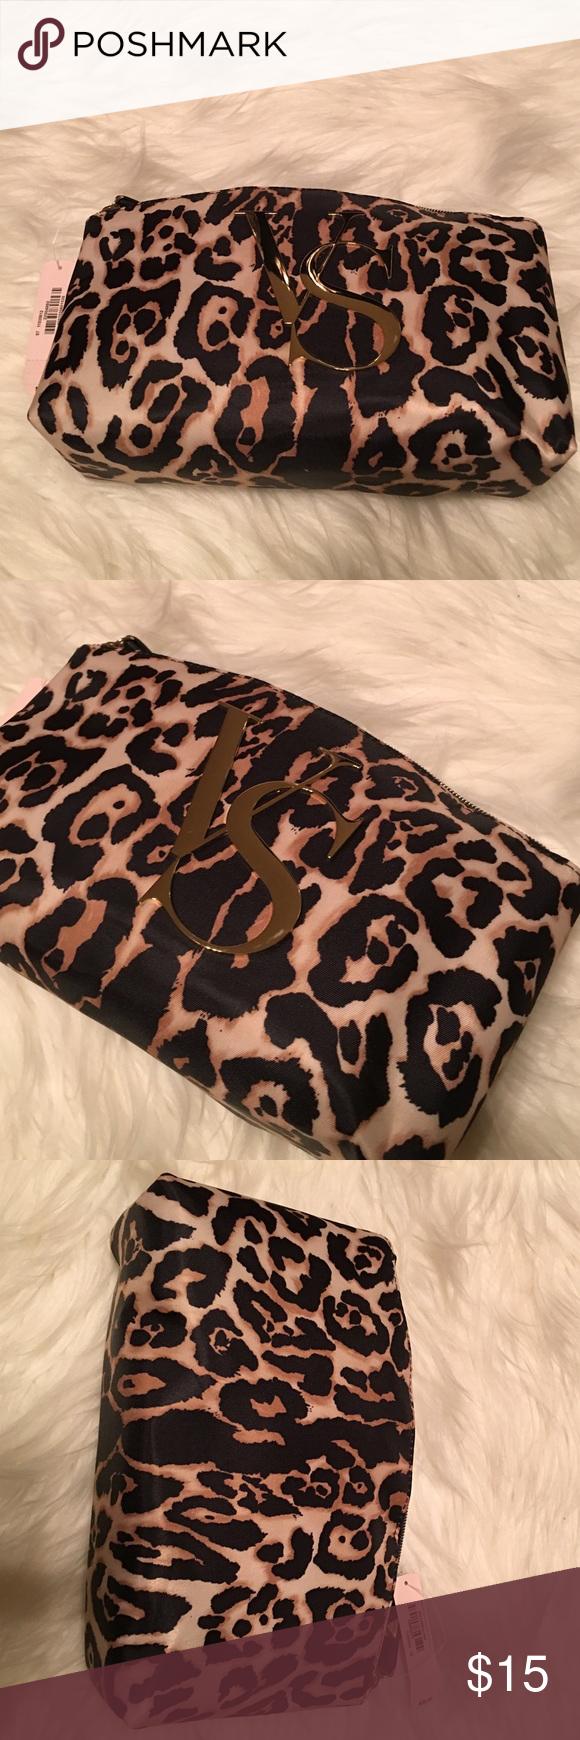 Victoria's Secret makeup bag Victoria's Secret makeup bag Victoria's Secret Bags Cosmetic Bags & Cases